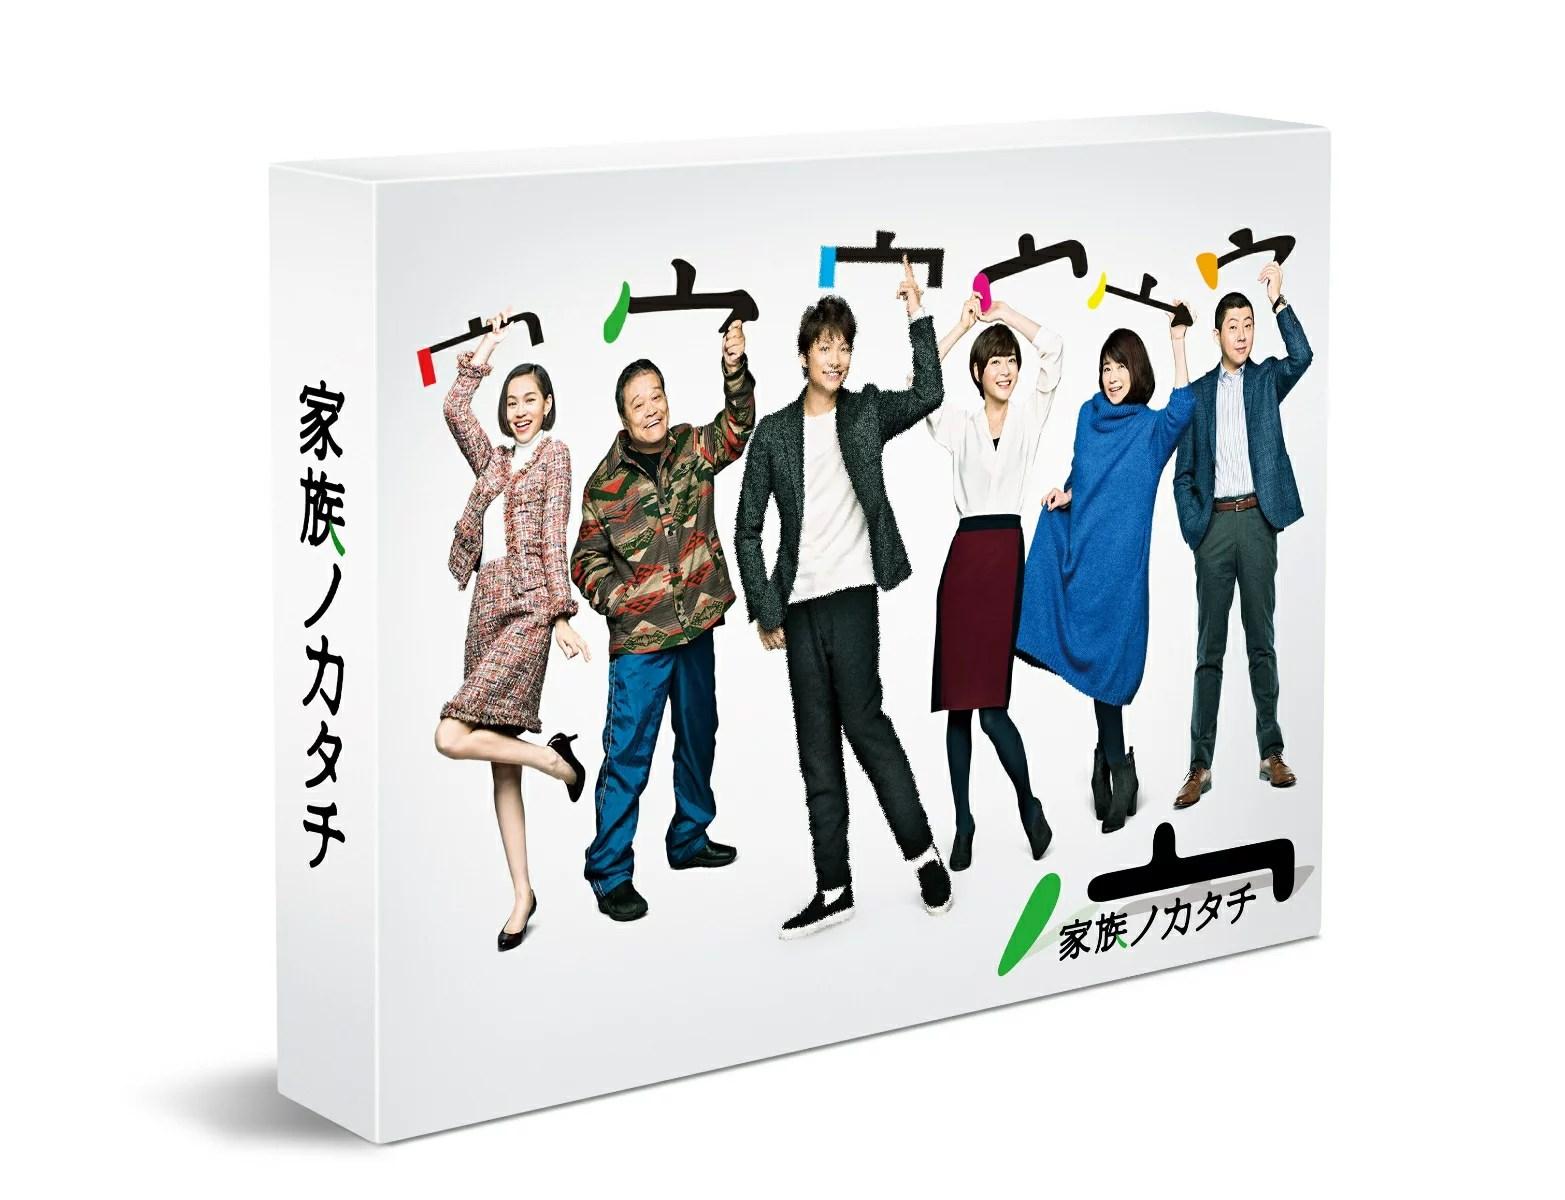 家族ノカタチ Blu-ray BOX【Blu-ray】 [ 香取慎吾 ] - 楽天ブックス